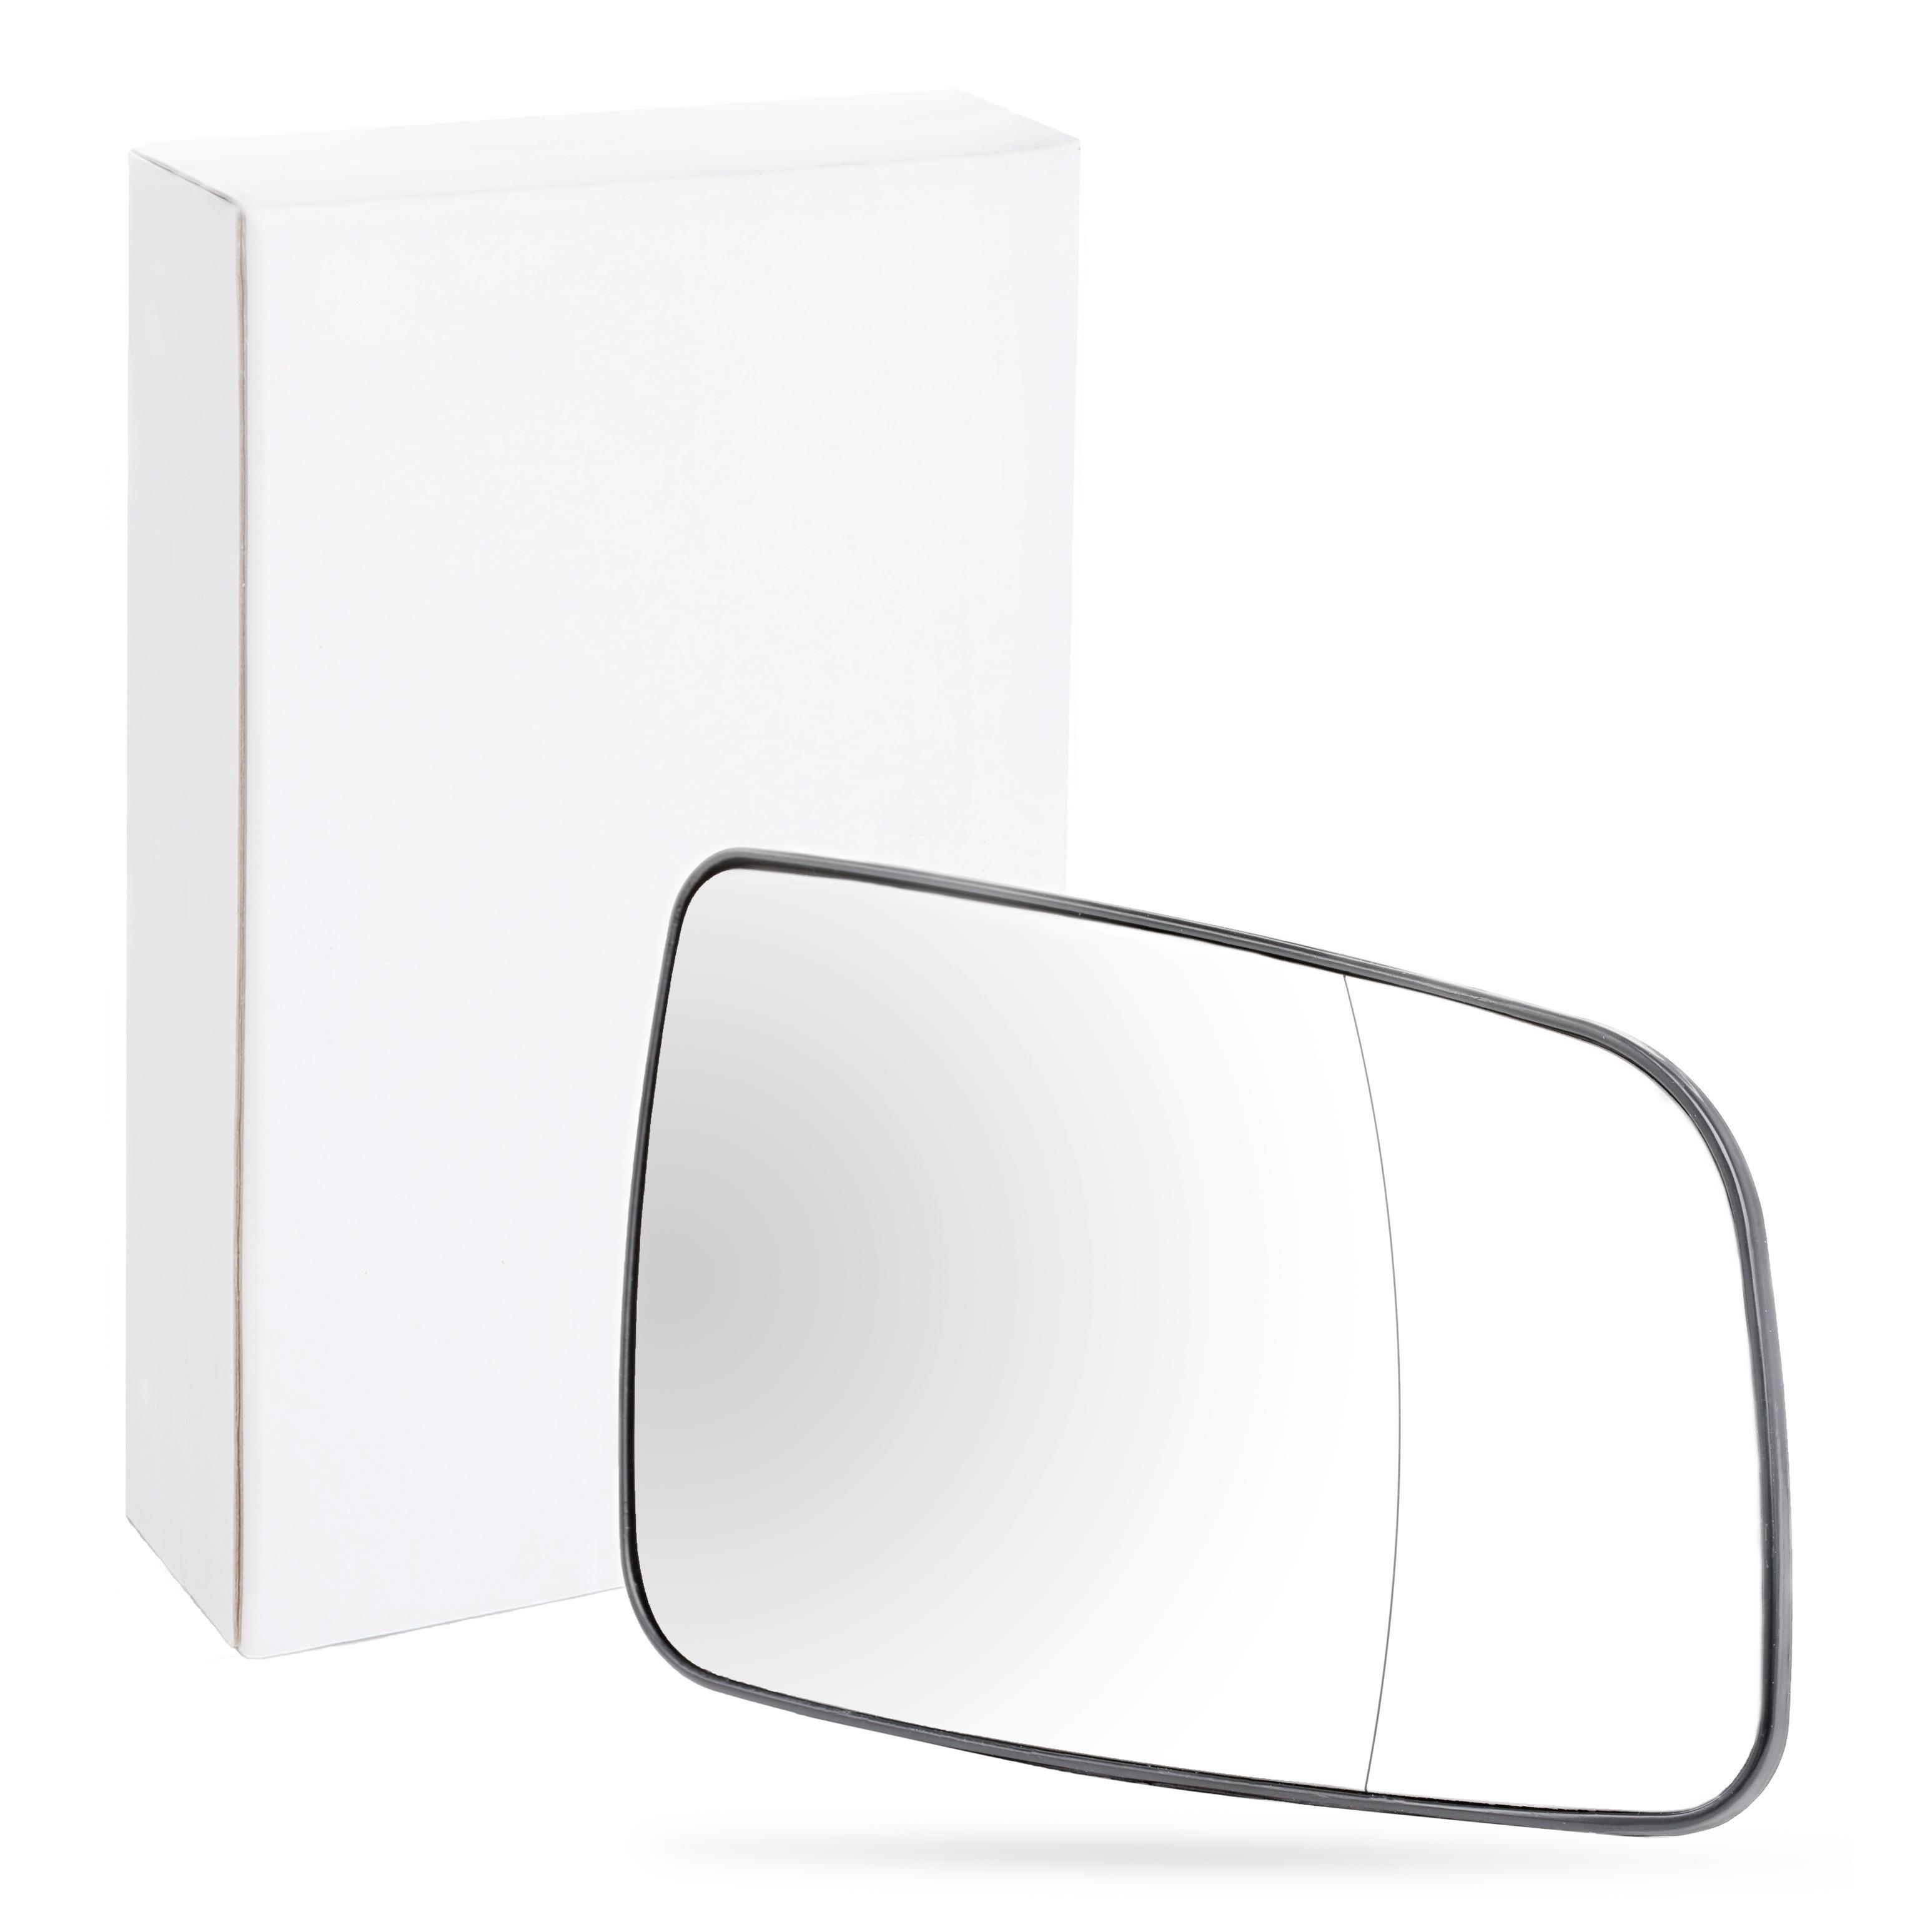 Specchio retrovisore esterno 55 08 38-80 JOHNS — Solo ricambi nuovi